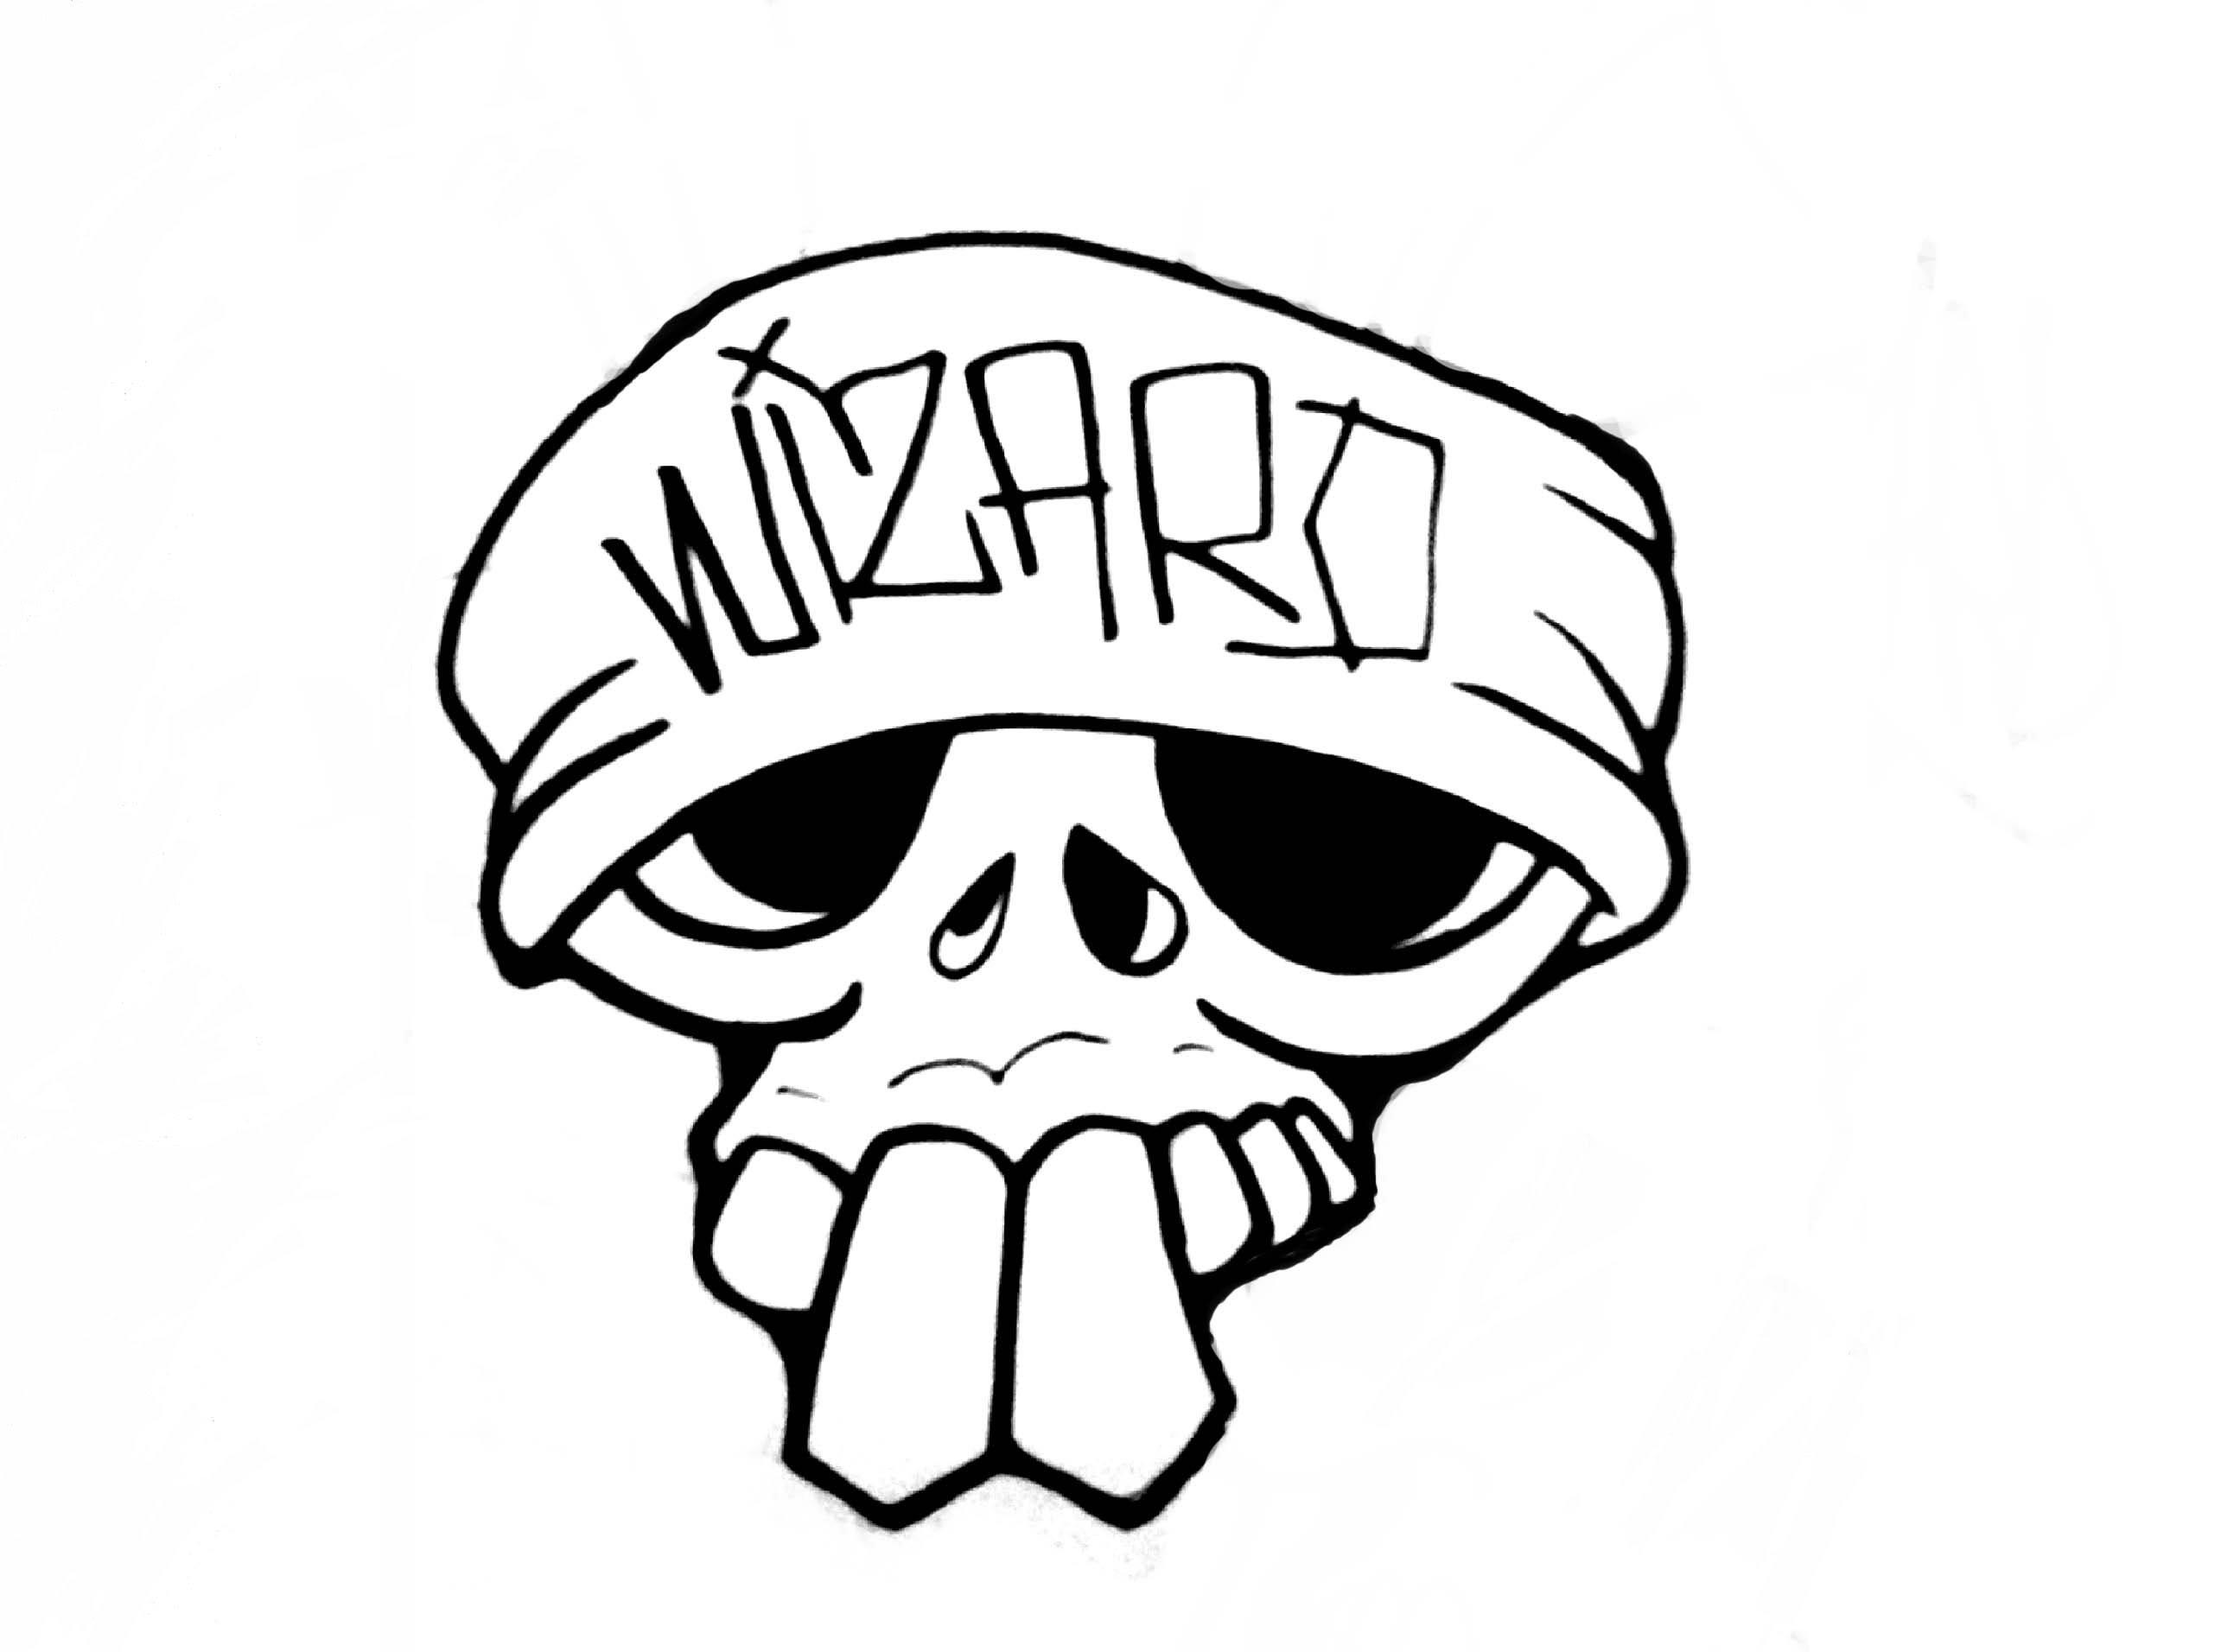 2592x1912 Graffiti Skulls By Wizard Graffiti Skulls By Wizard How To Draw